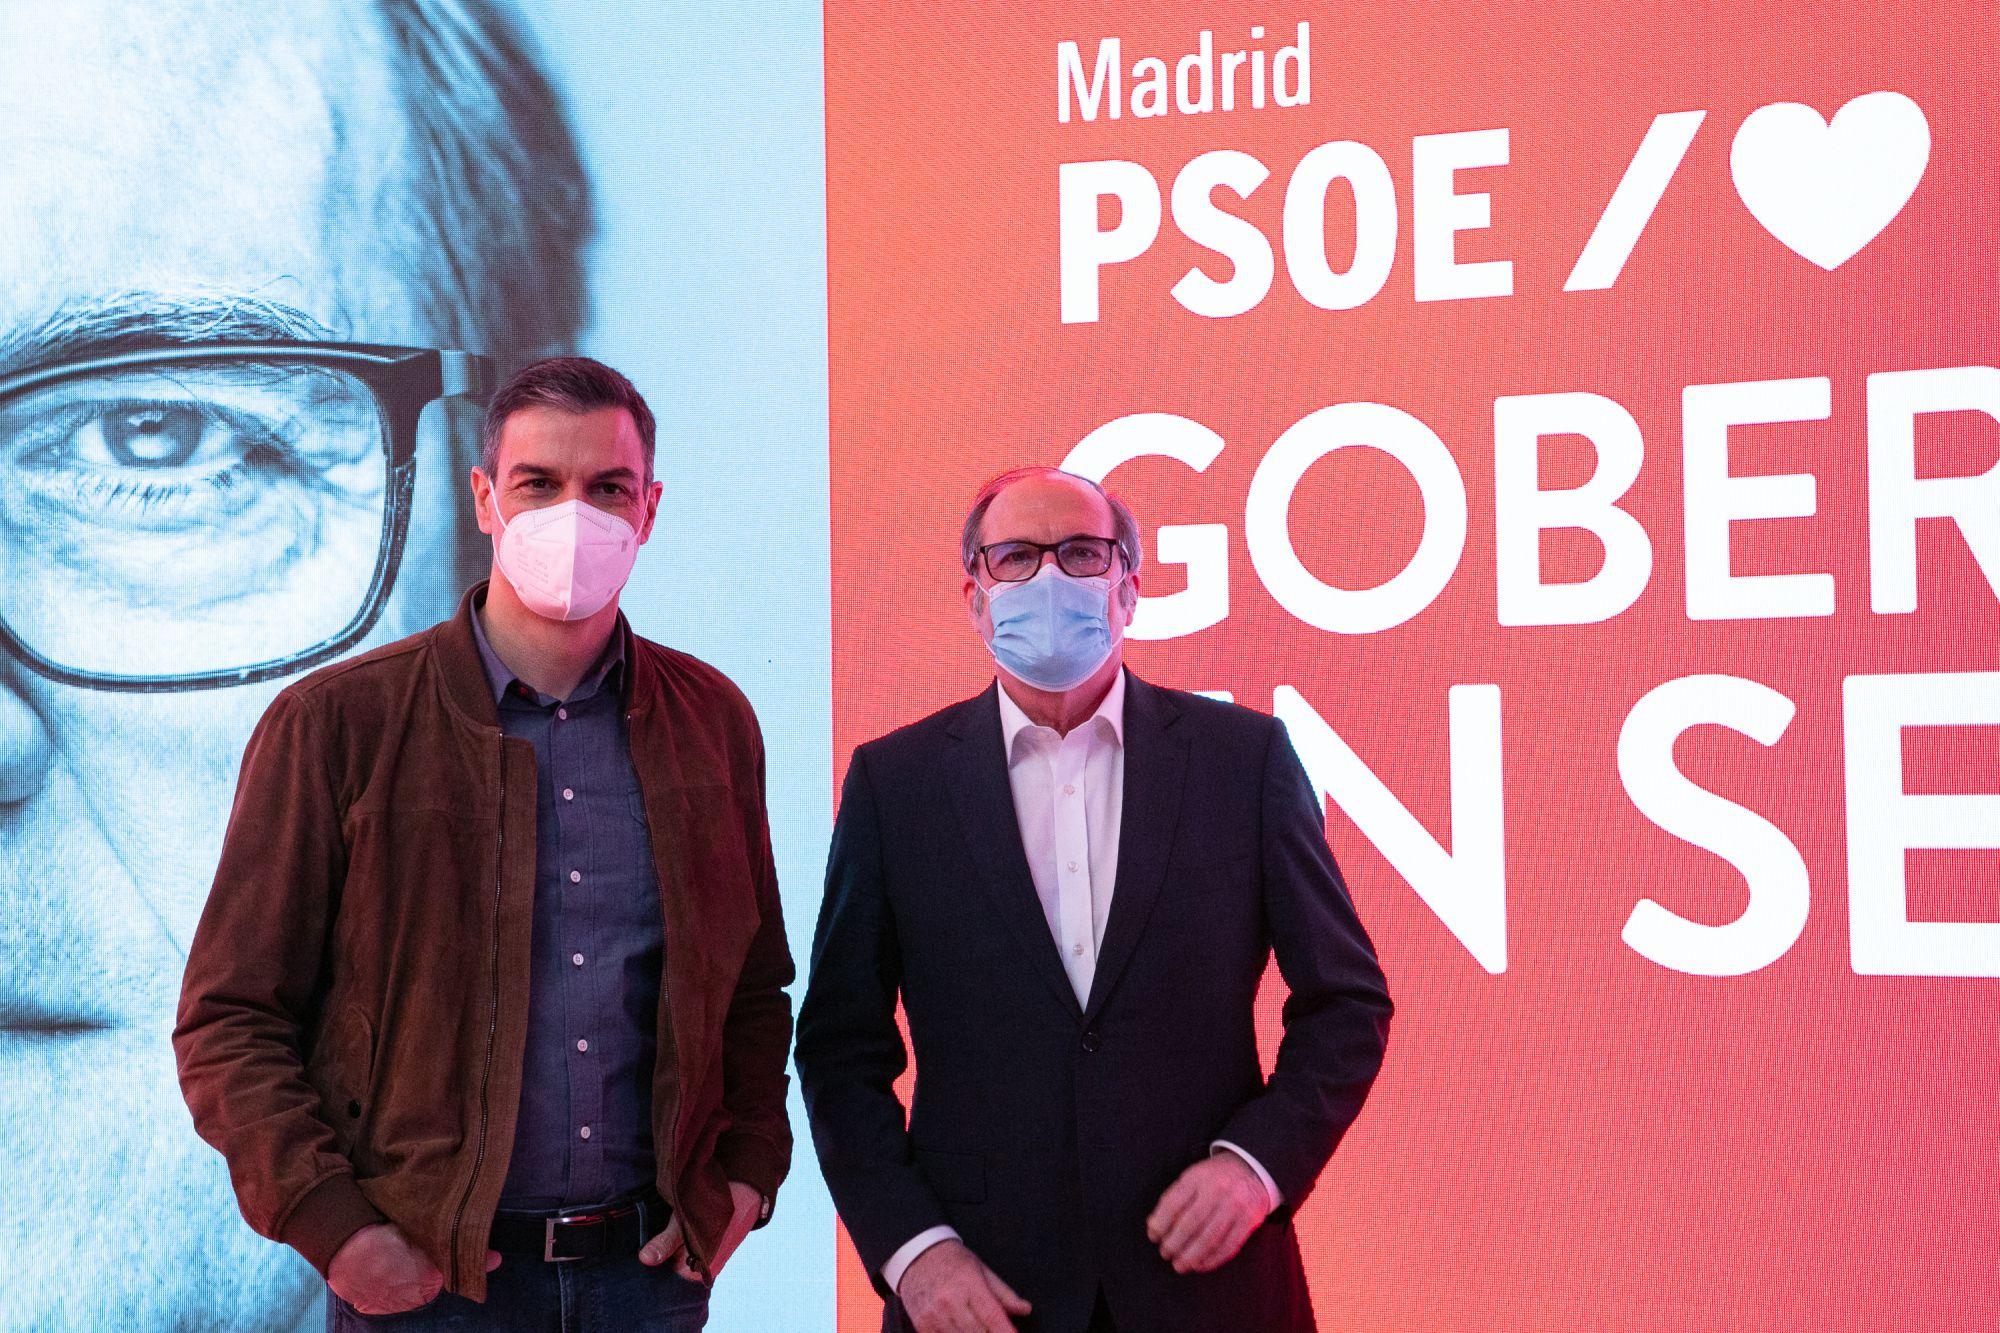 Sánchez respalda a Ángel Gabilondo como cabeza de lista del PSOE en Madrid / Foto: PSOE